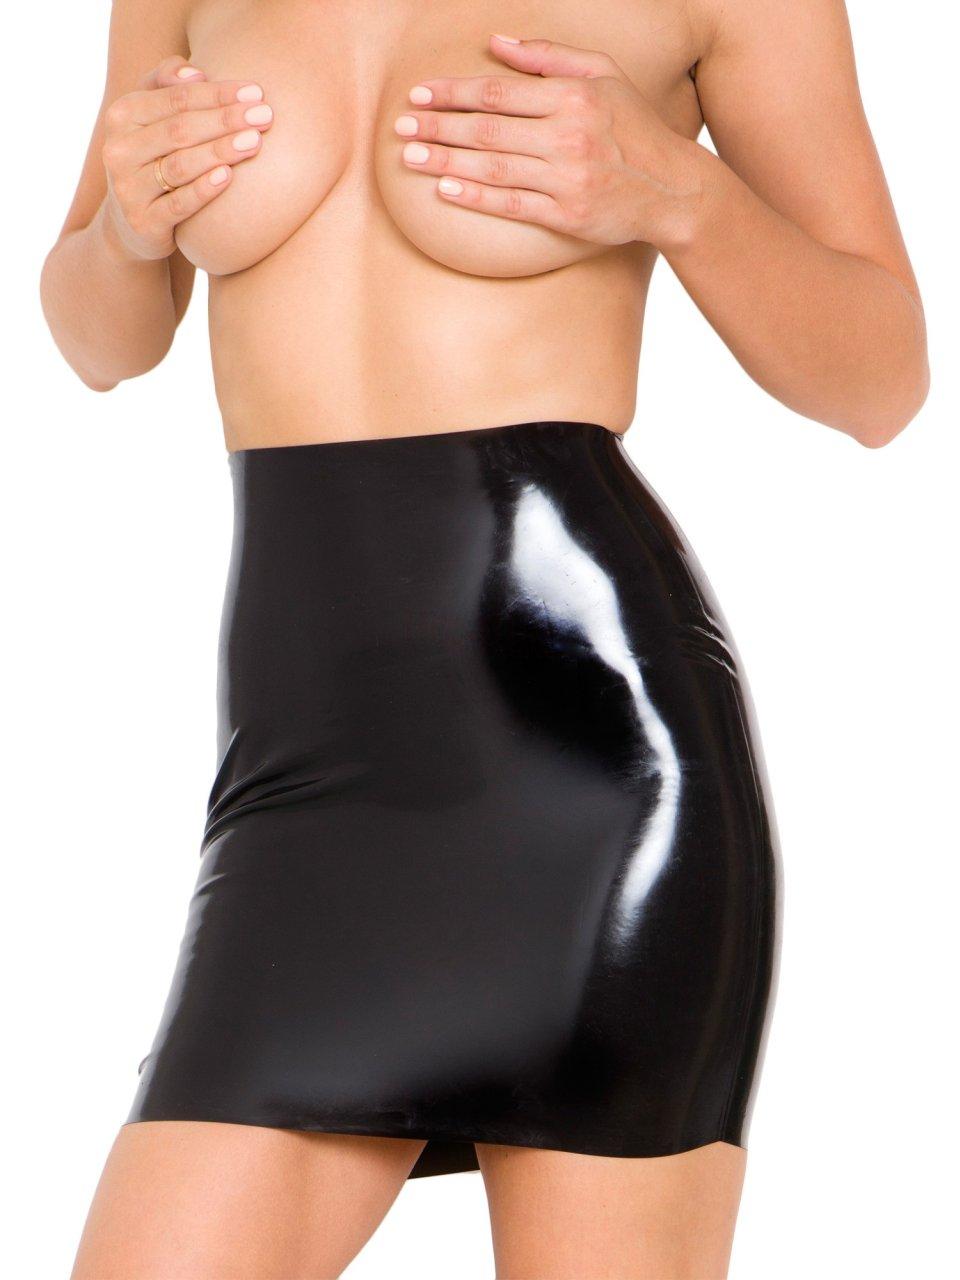 Rosie-Jones-Topless-11